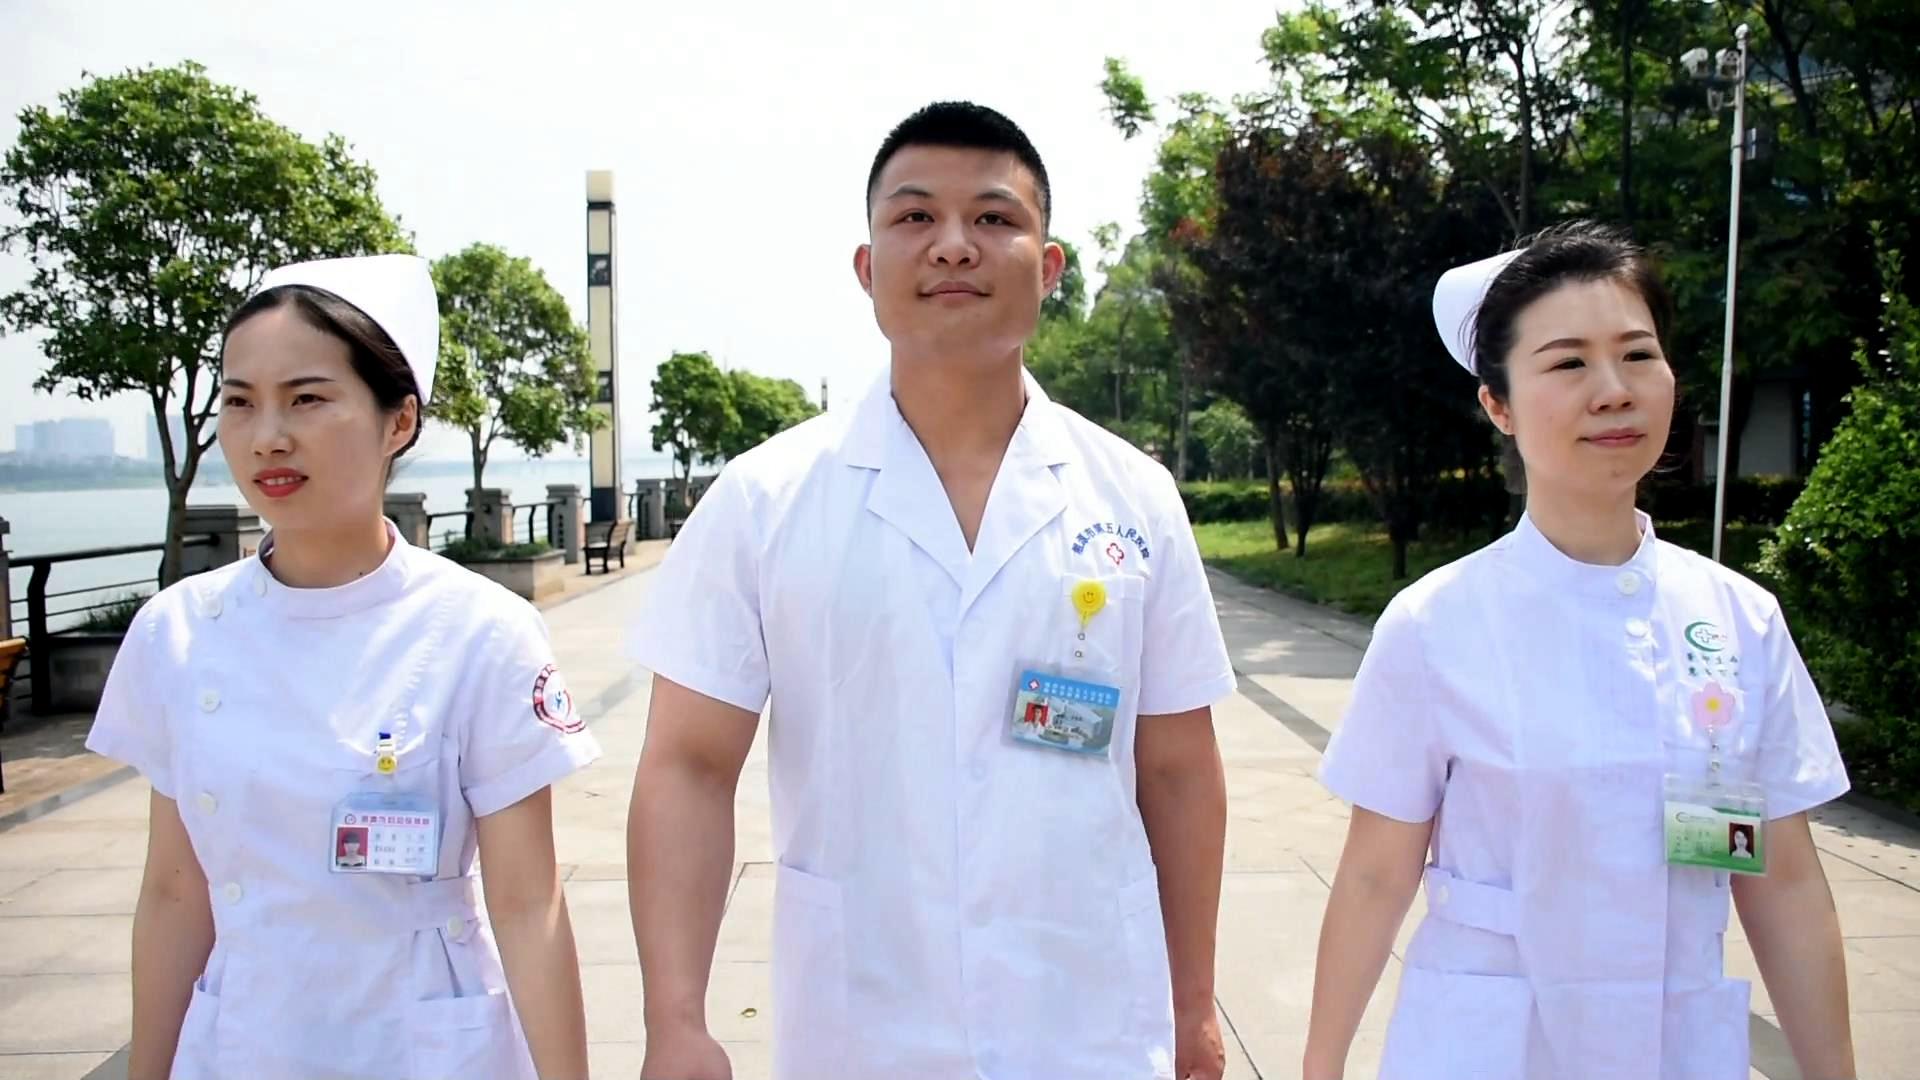 护士节特别策划丨致敬白衣天使!为了不起的平凡人喝彩